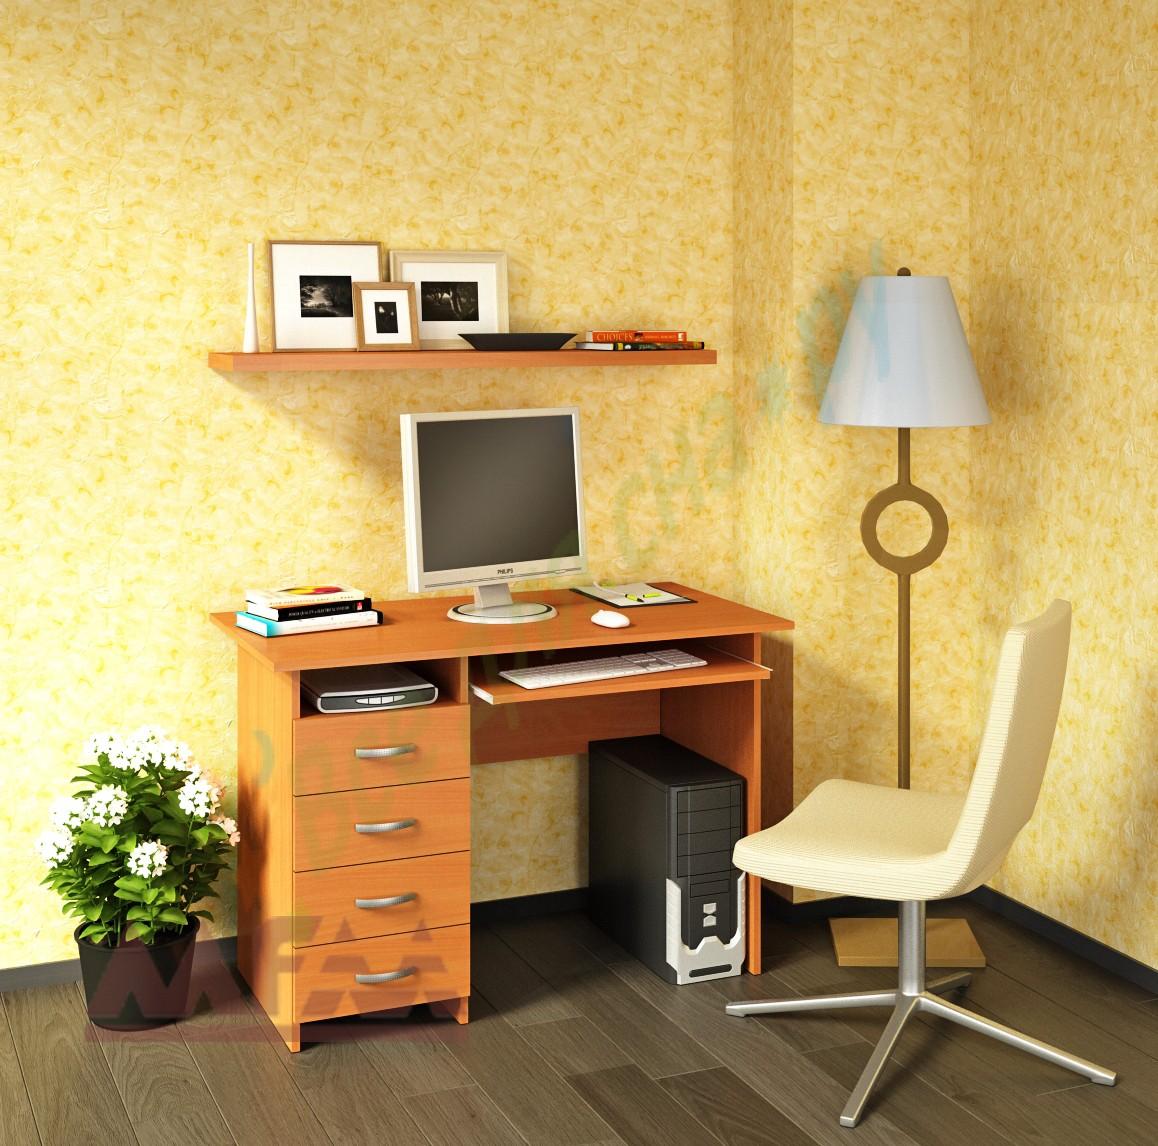 """Письменный стол """"милан-3"""" купить недорого компьютерный стол ."""